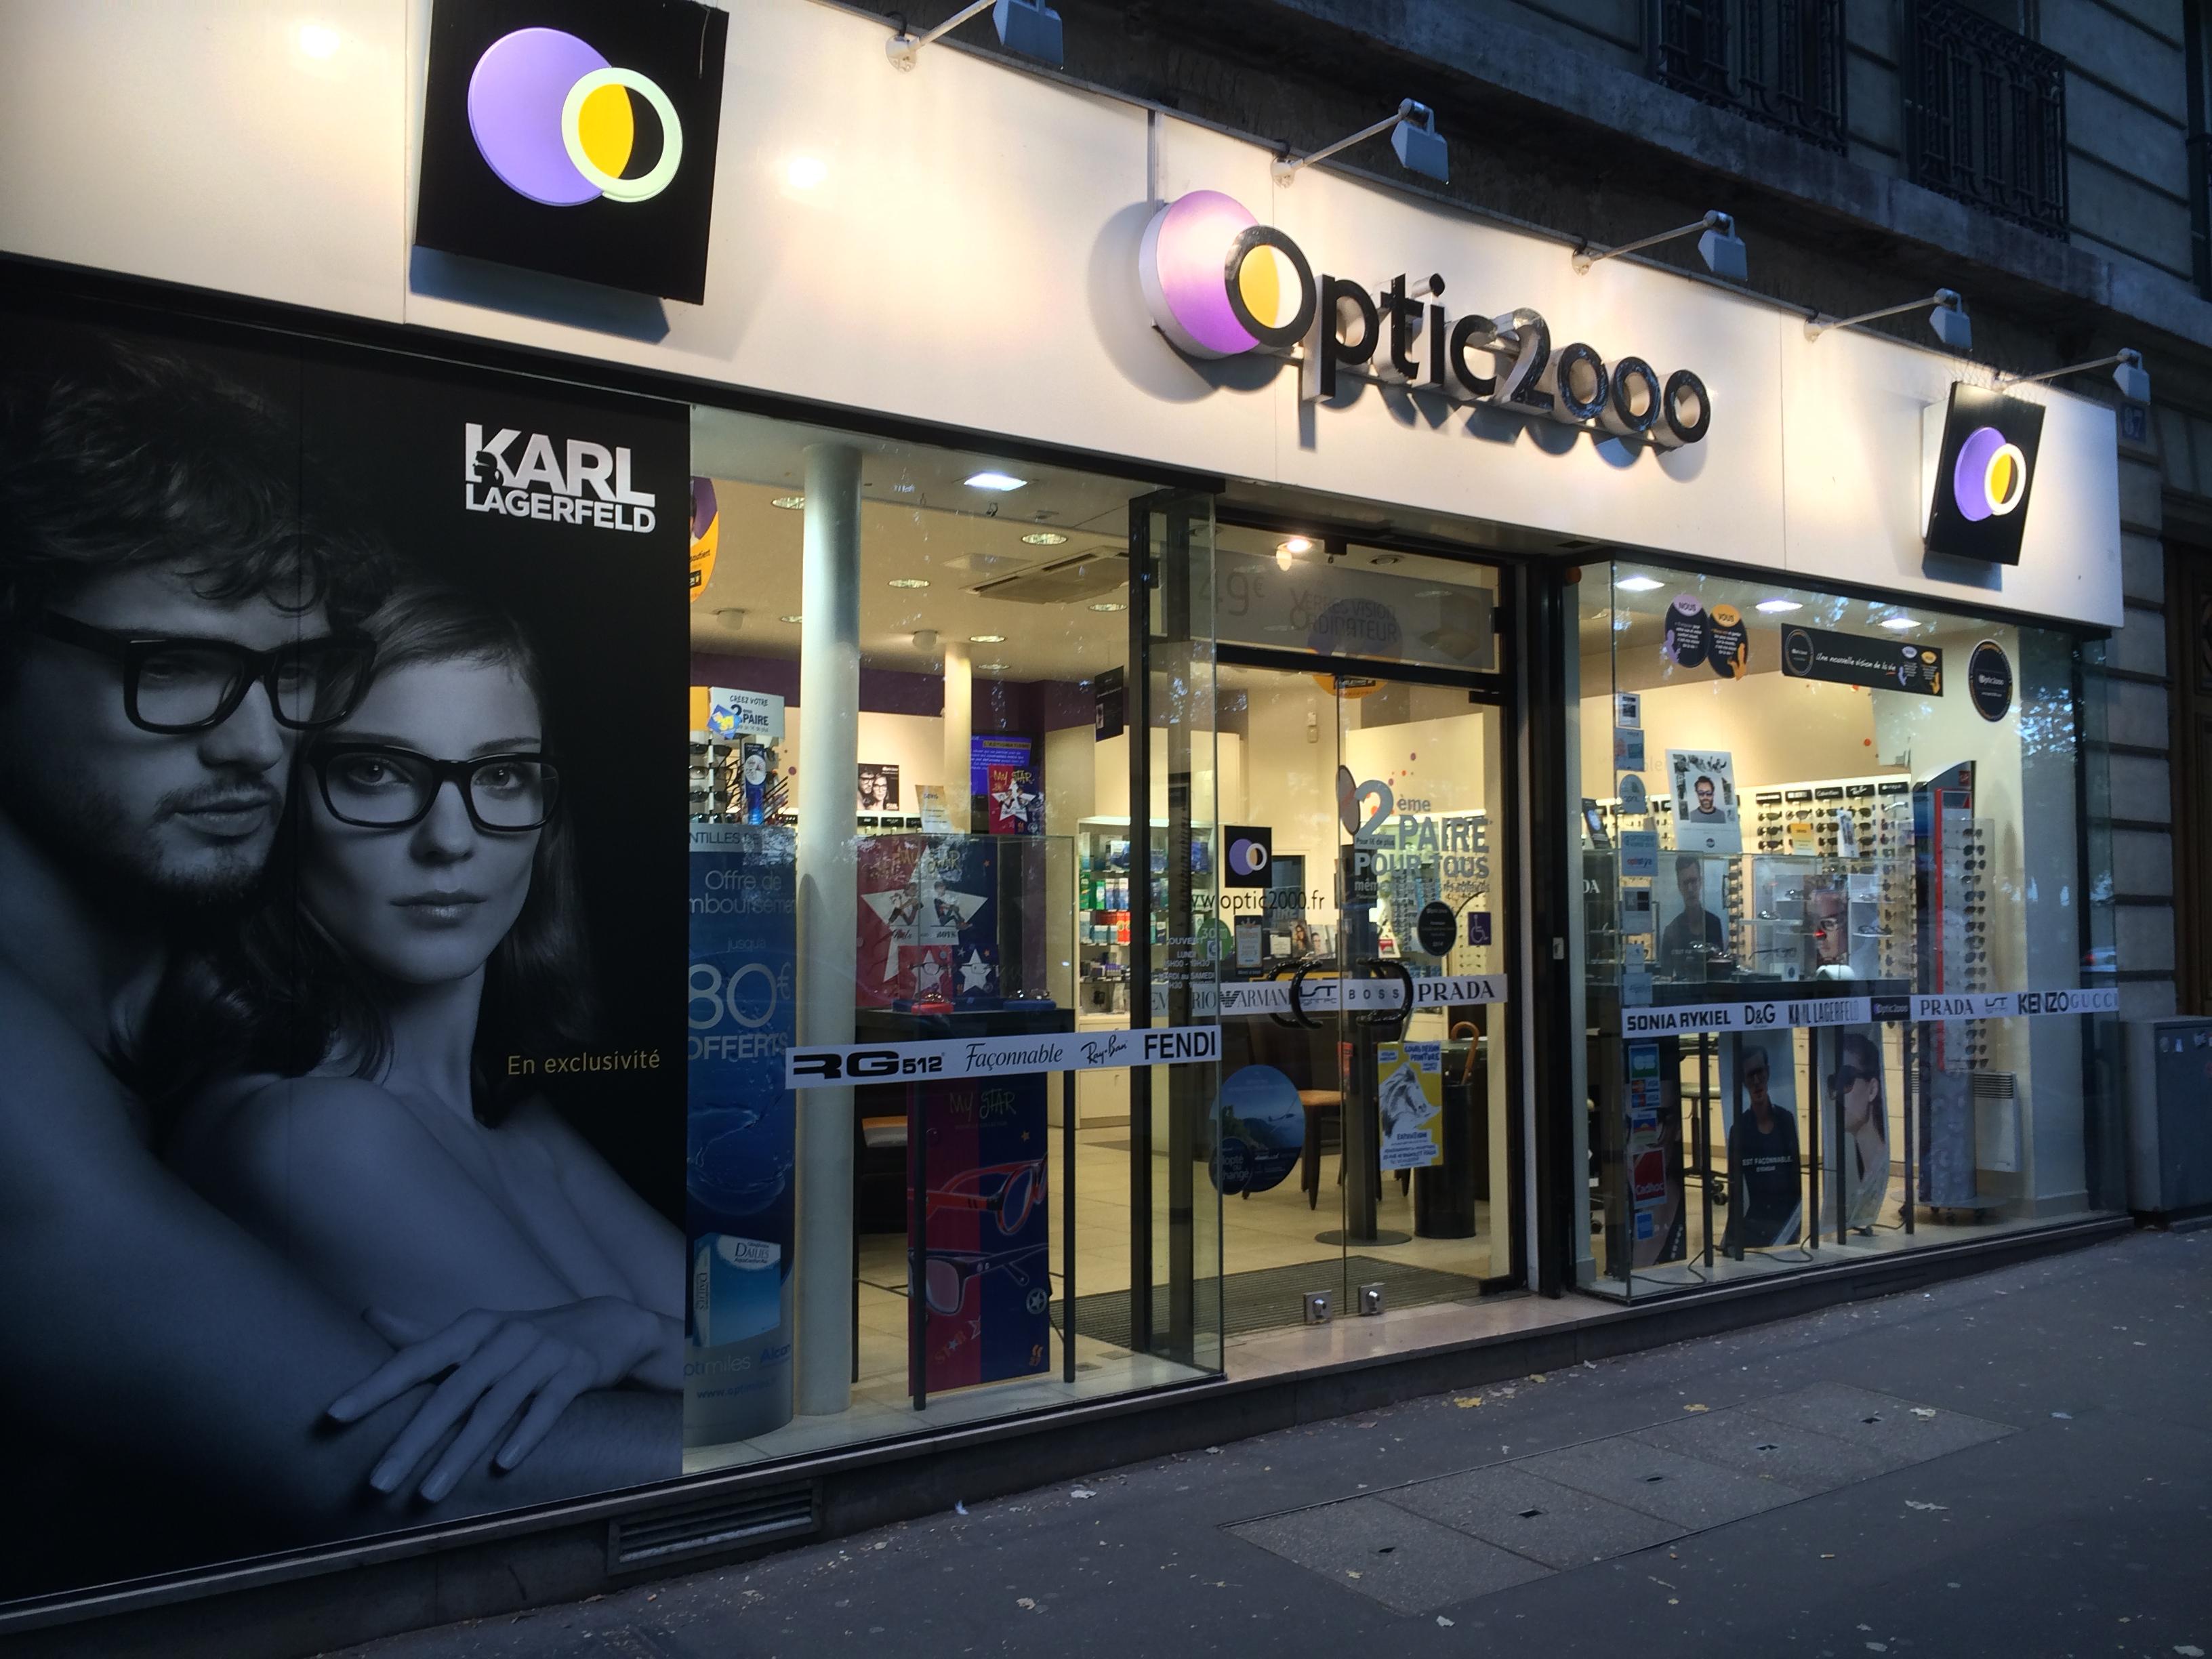 Opticien Optic 2000 PARIS 75020 - lunettes femme, lunettes homme - Optic  2000 4286e5029970